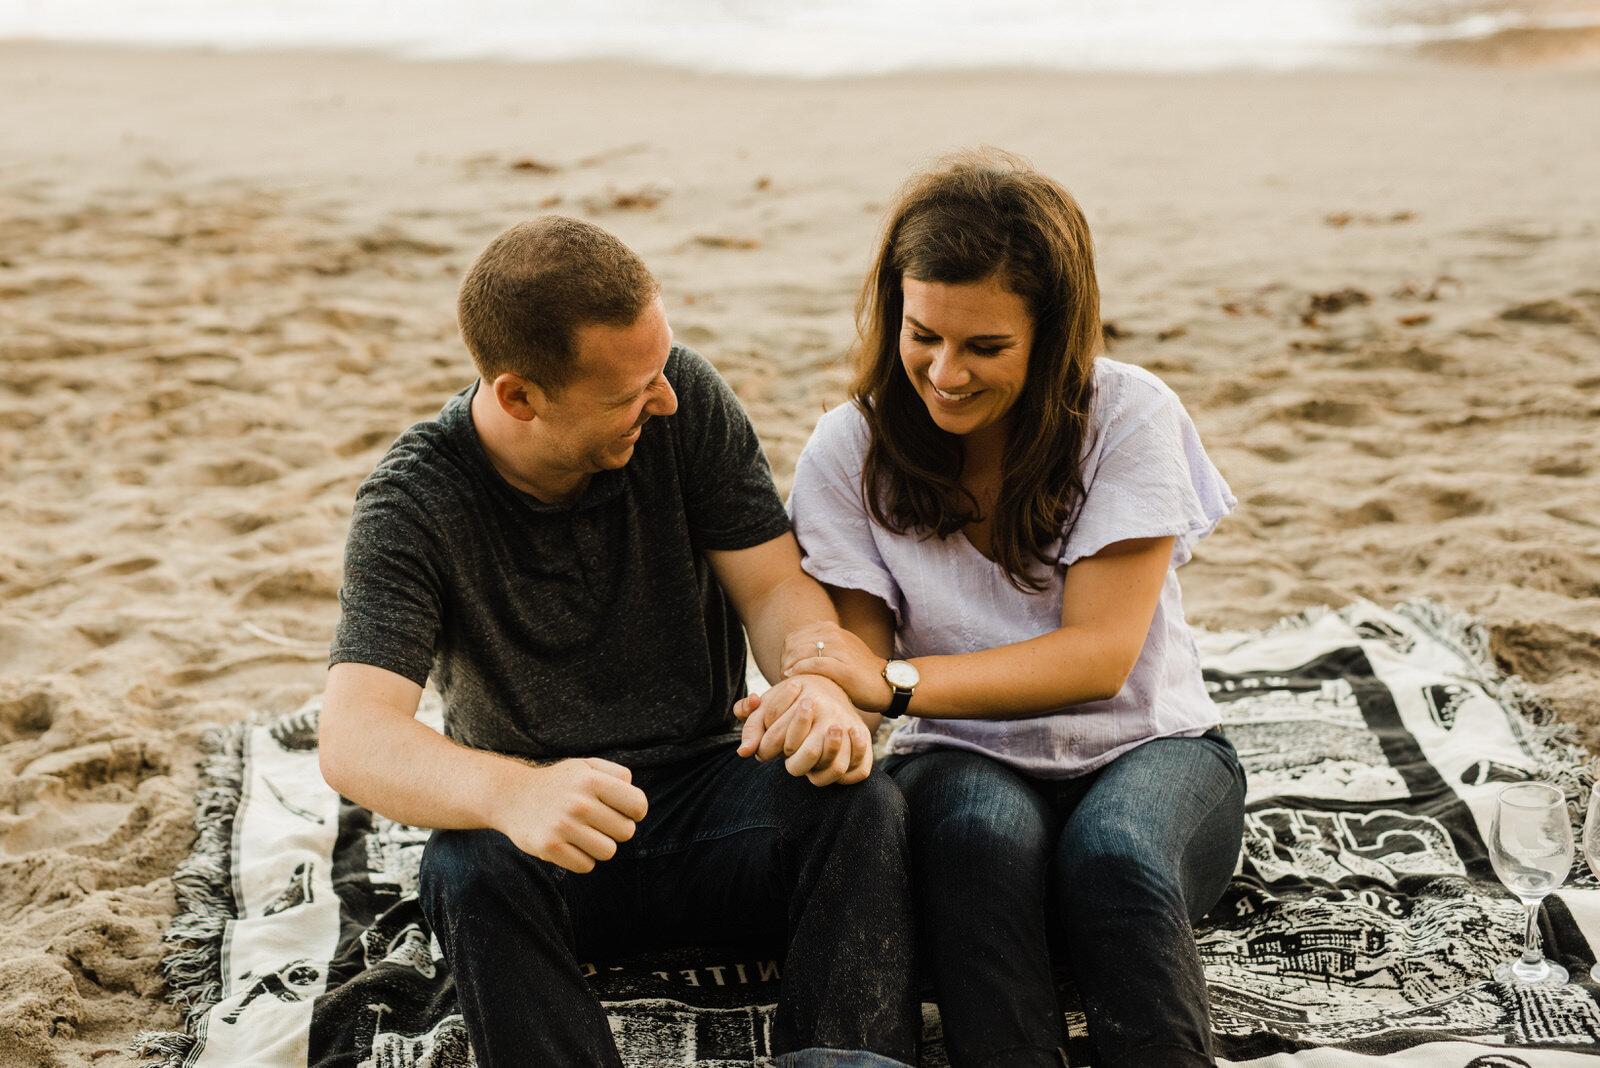 Romantic couple in Malibu